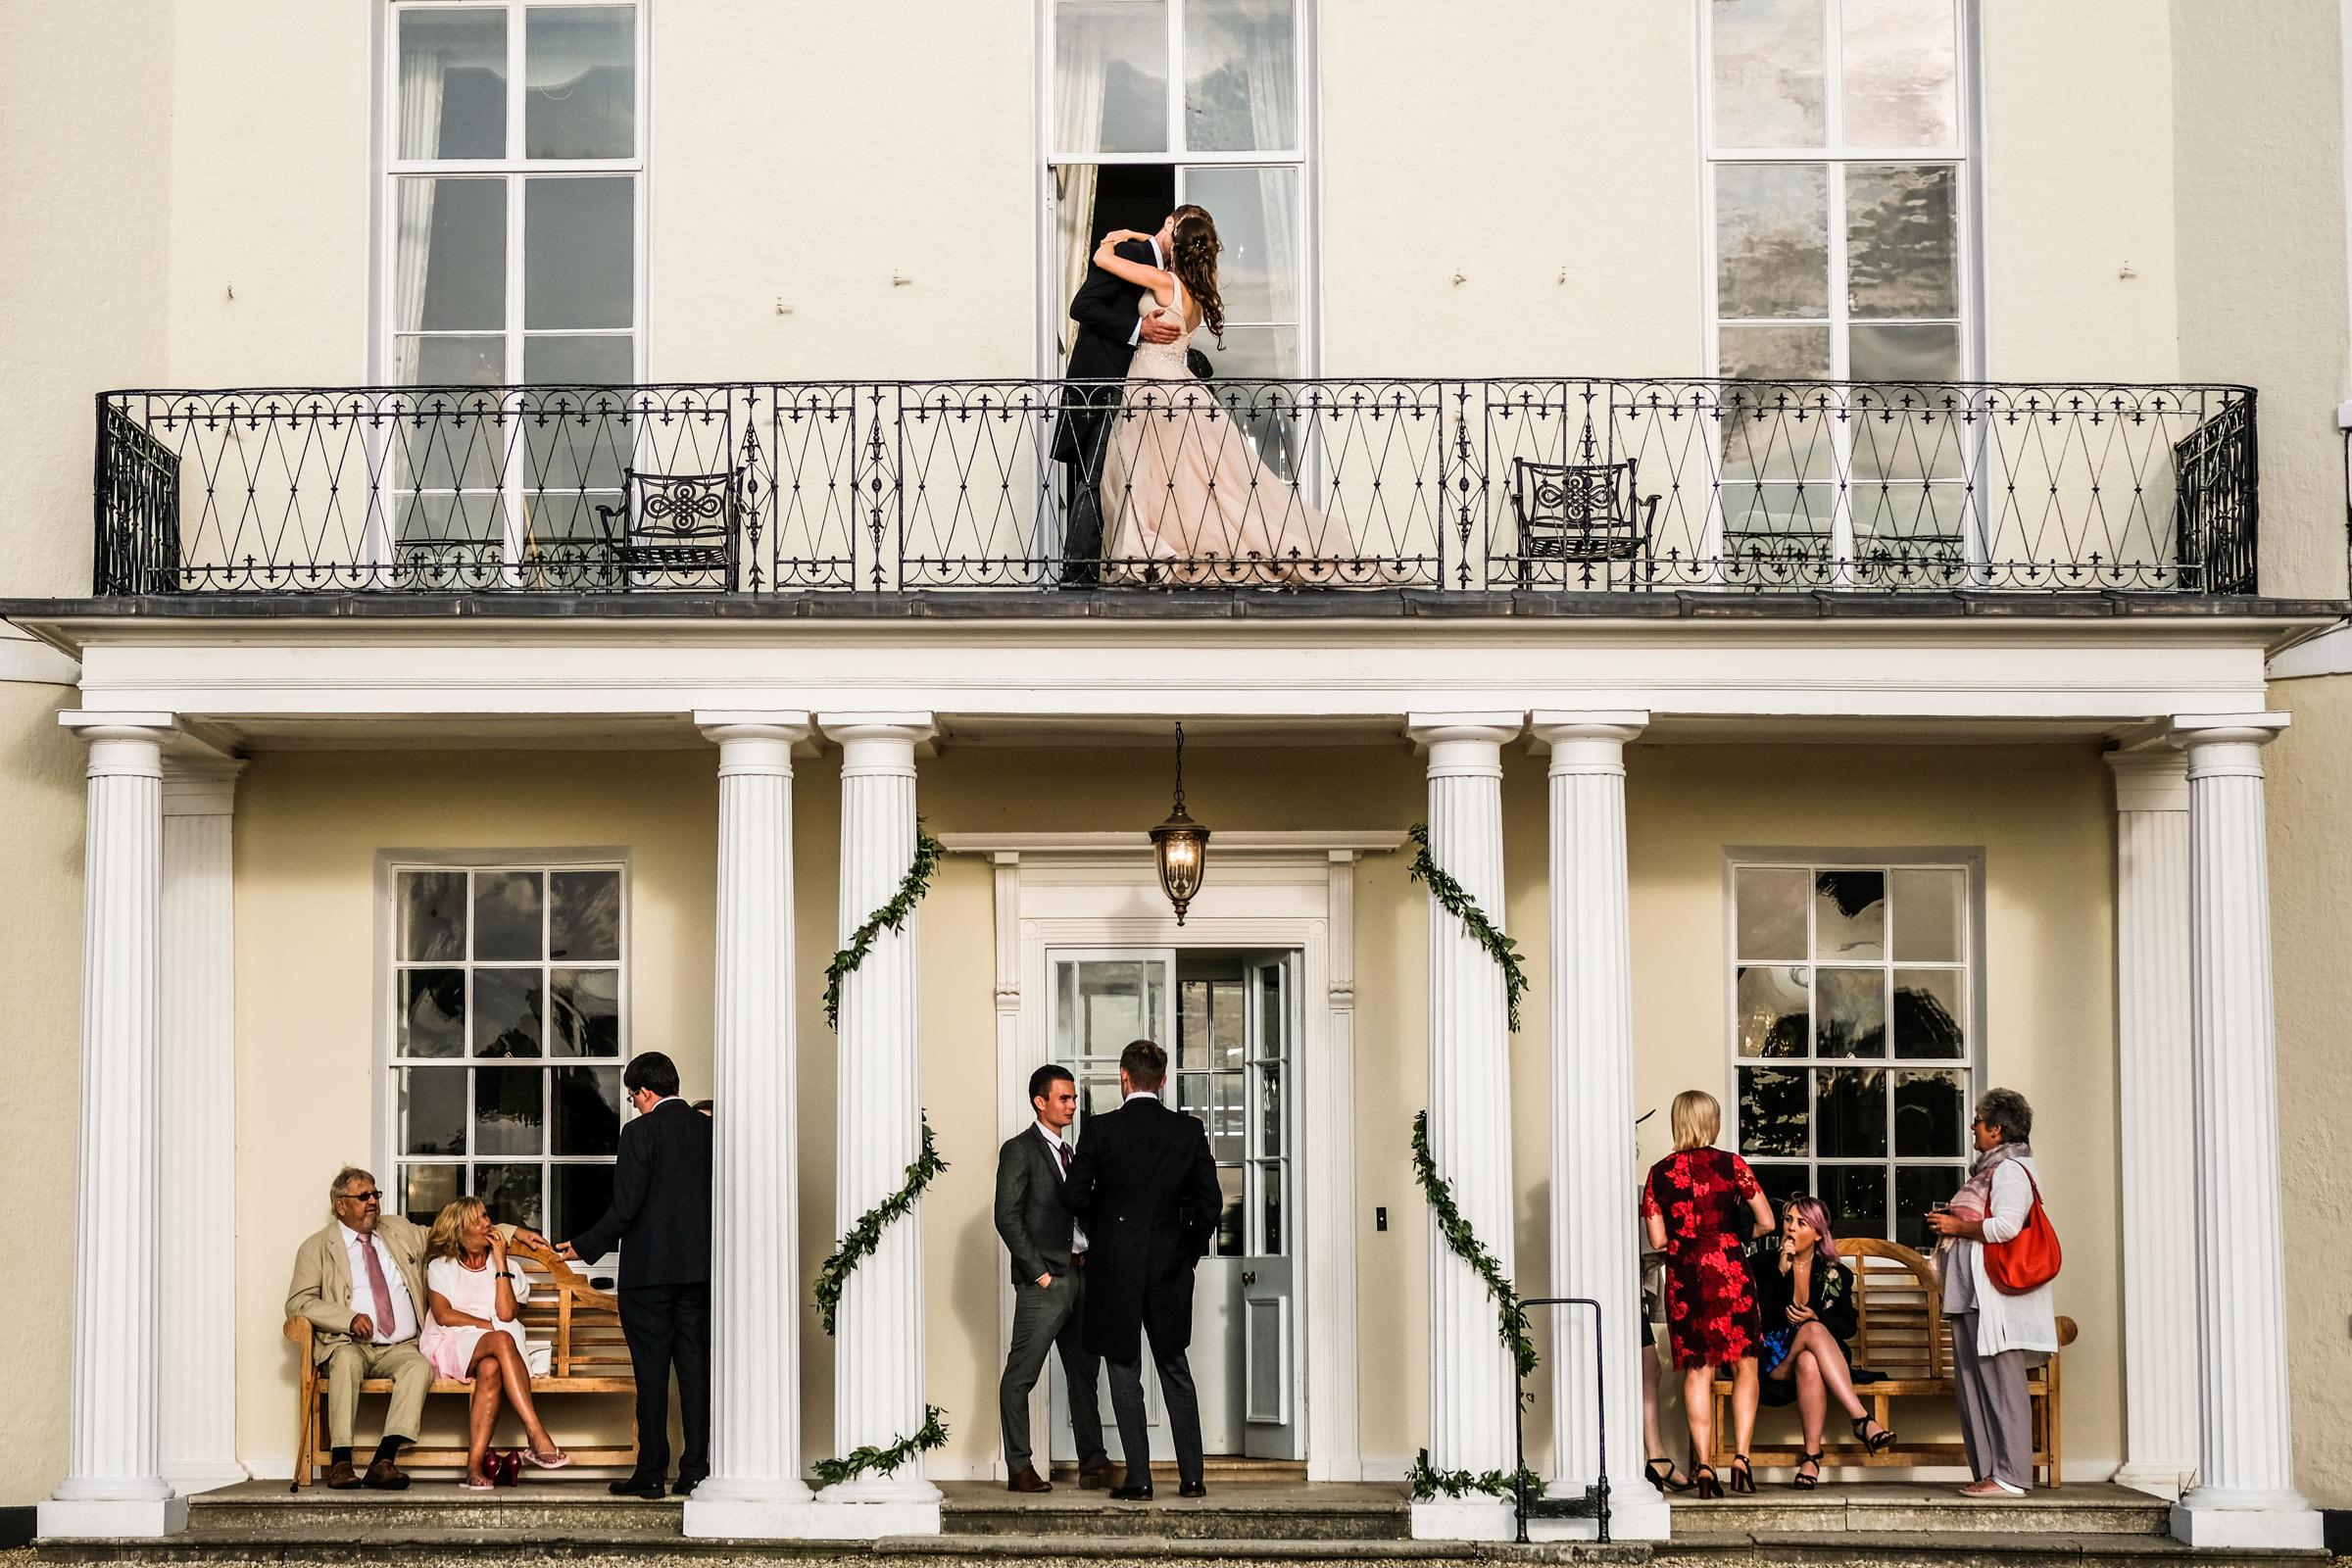 Rockbeare+Manor+Wedding+Photos+Devon+028.jpg